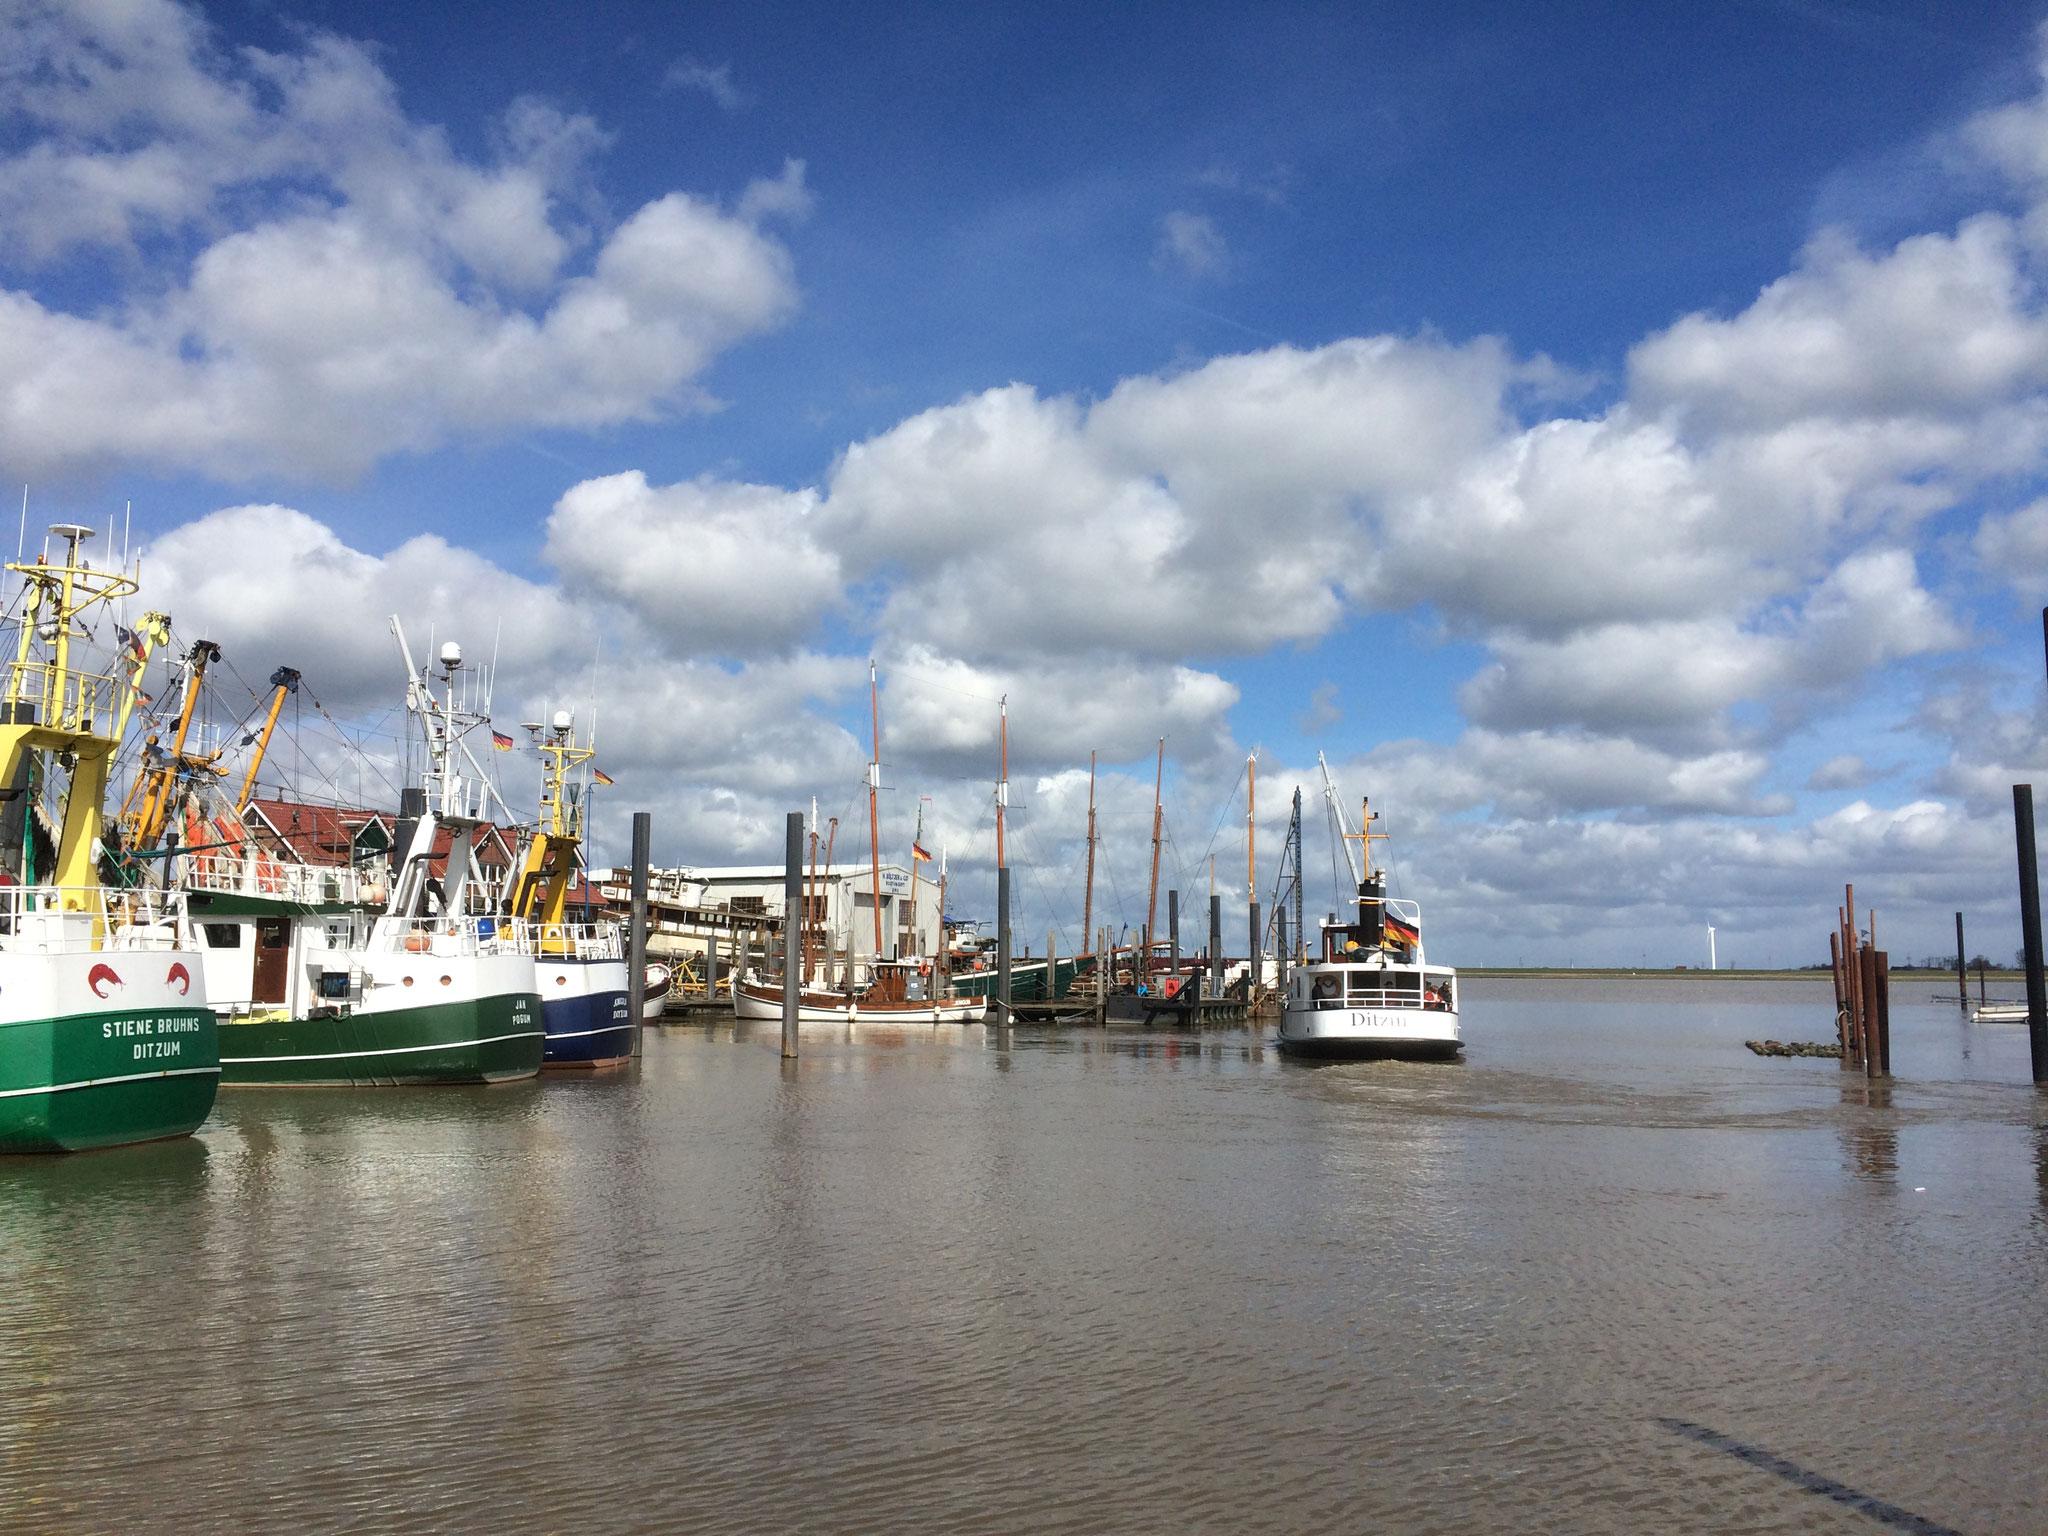 Hafen von Ditzum mit Blick über die Ems